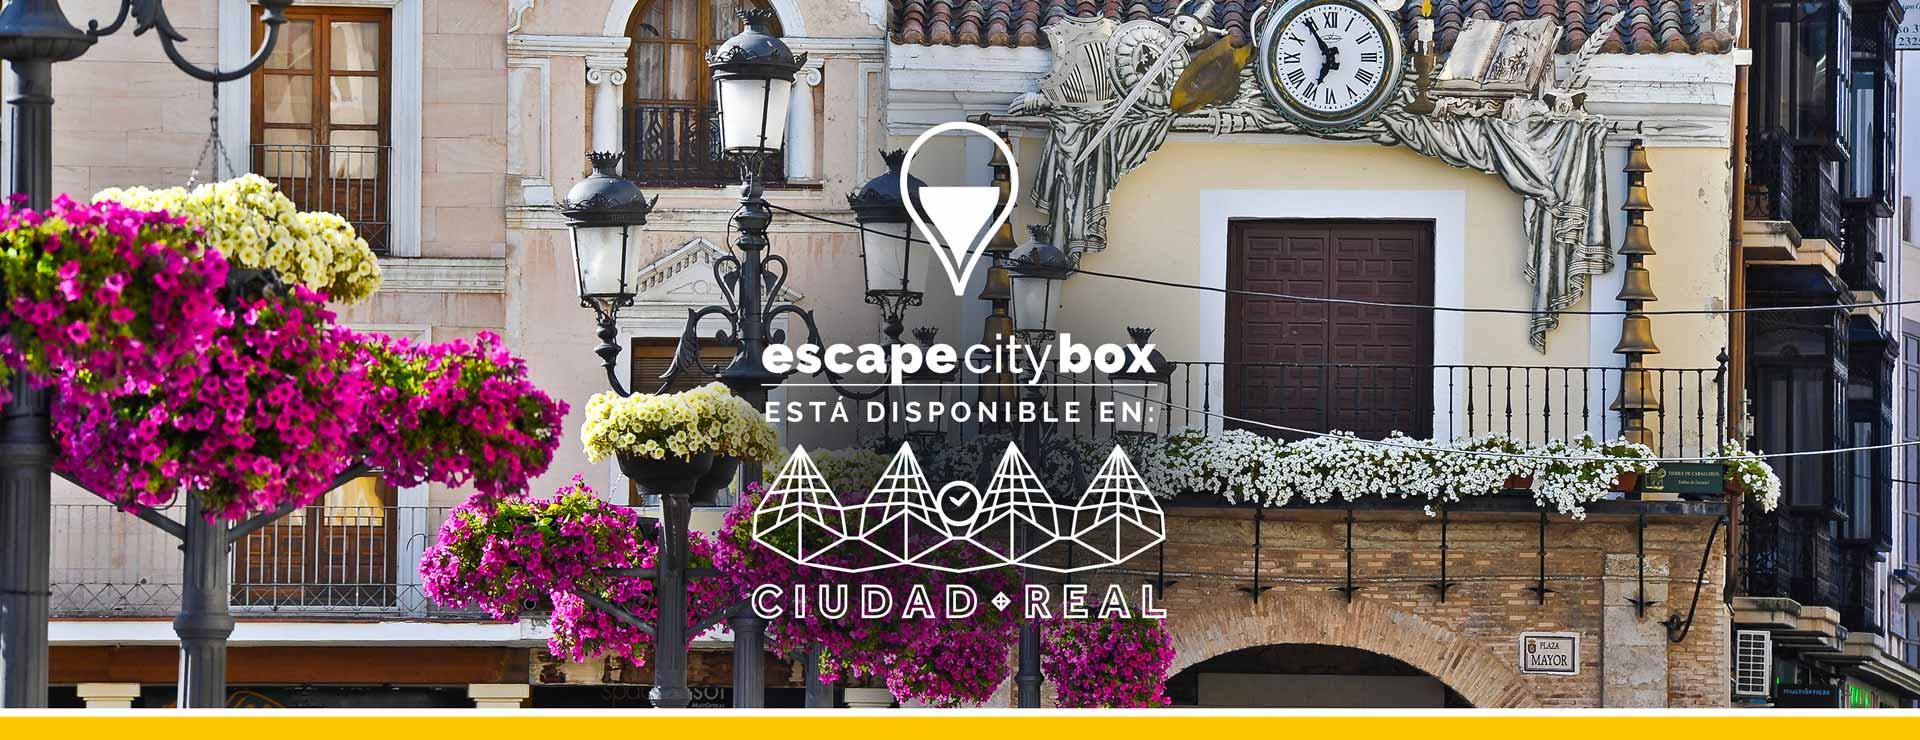 Escape room en ciudad real